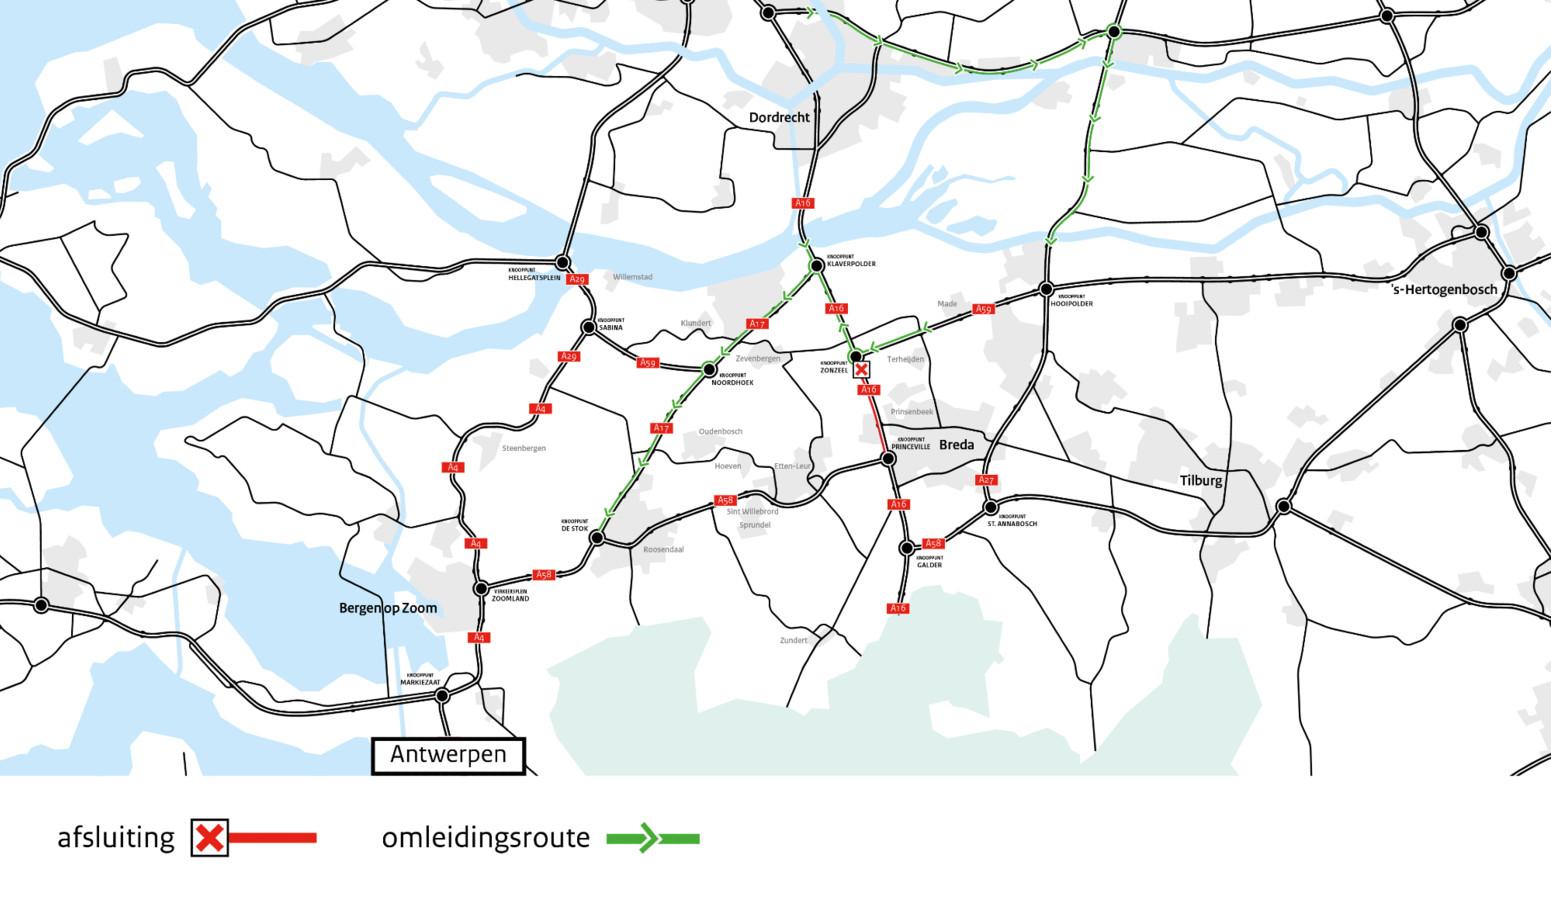 Van 20 maart 21.00 uur tot 23 maart 05.00 uur is de A16 afgesloten tussen knooppunt Zonzeel en knooppunt Princeville, in de richting van Antwerpen.